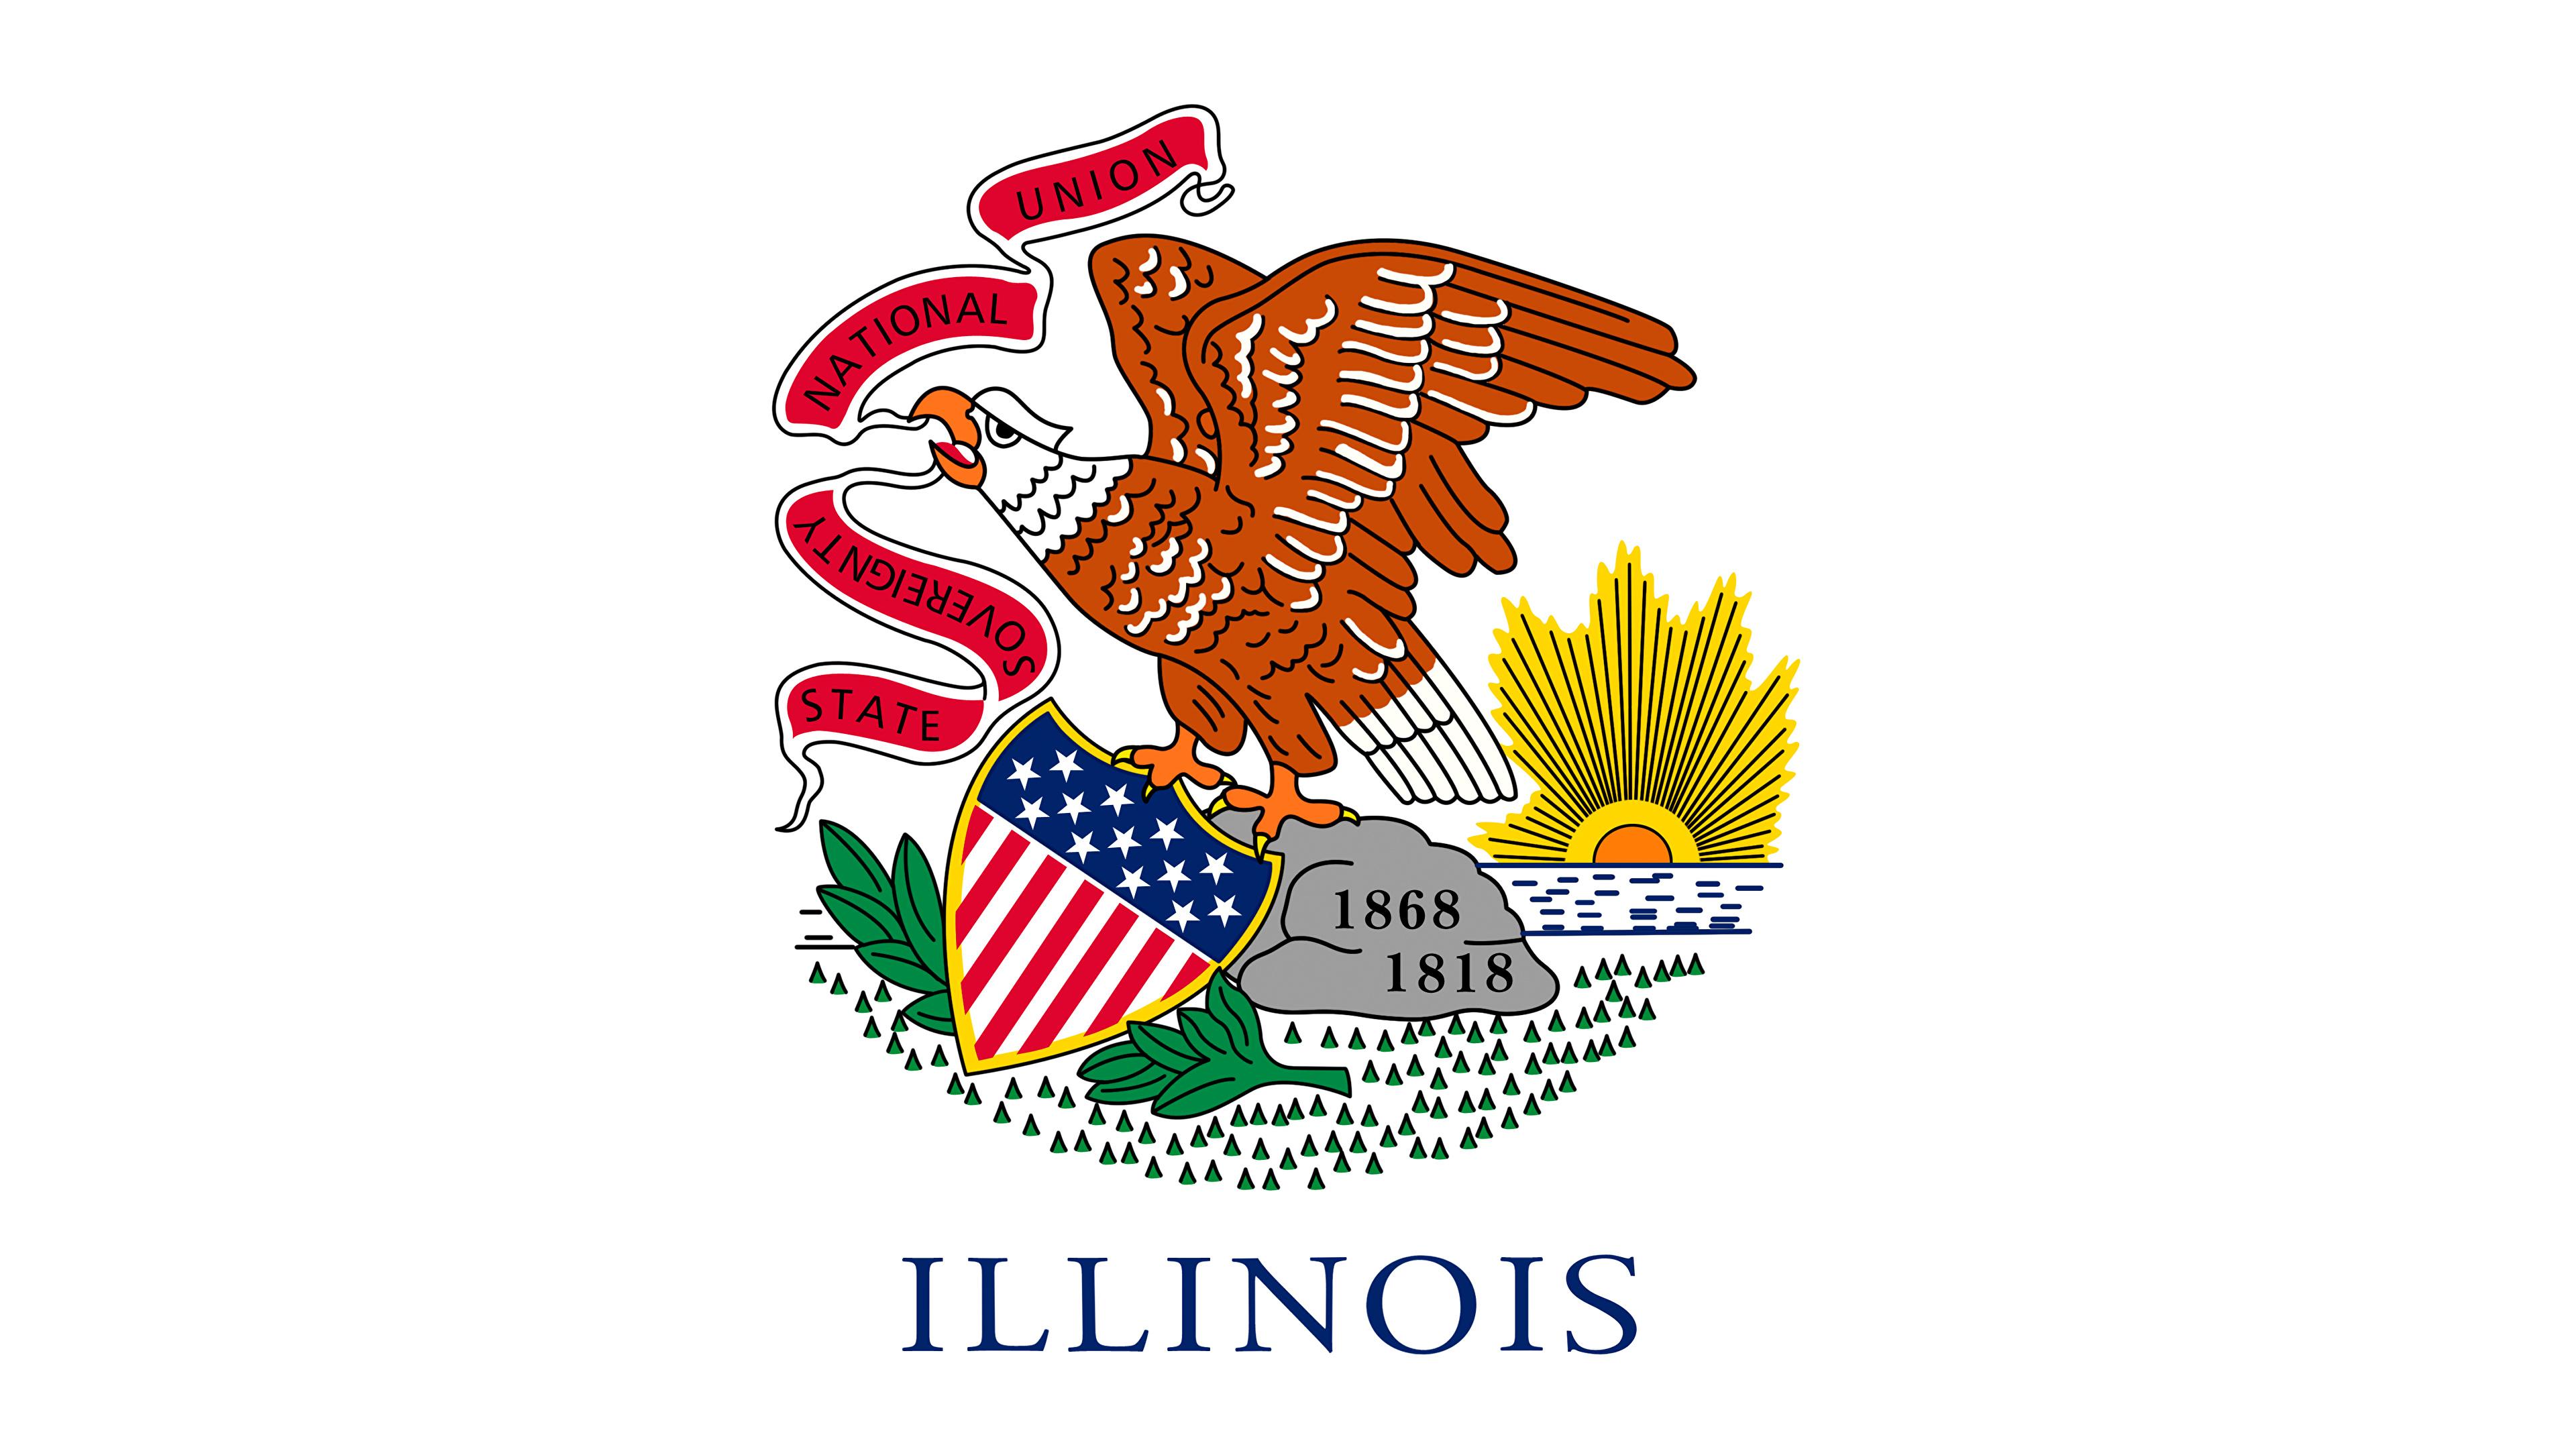 Photos Eagles USA Illinois Flag 3840x2160 3840x2160